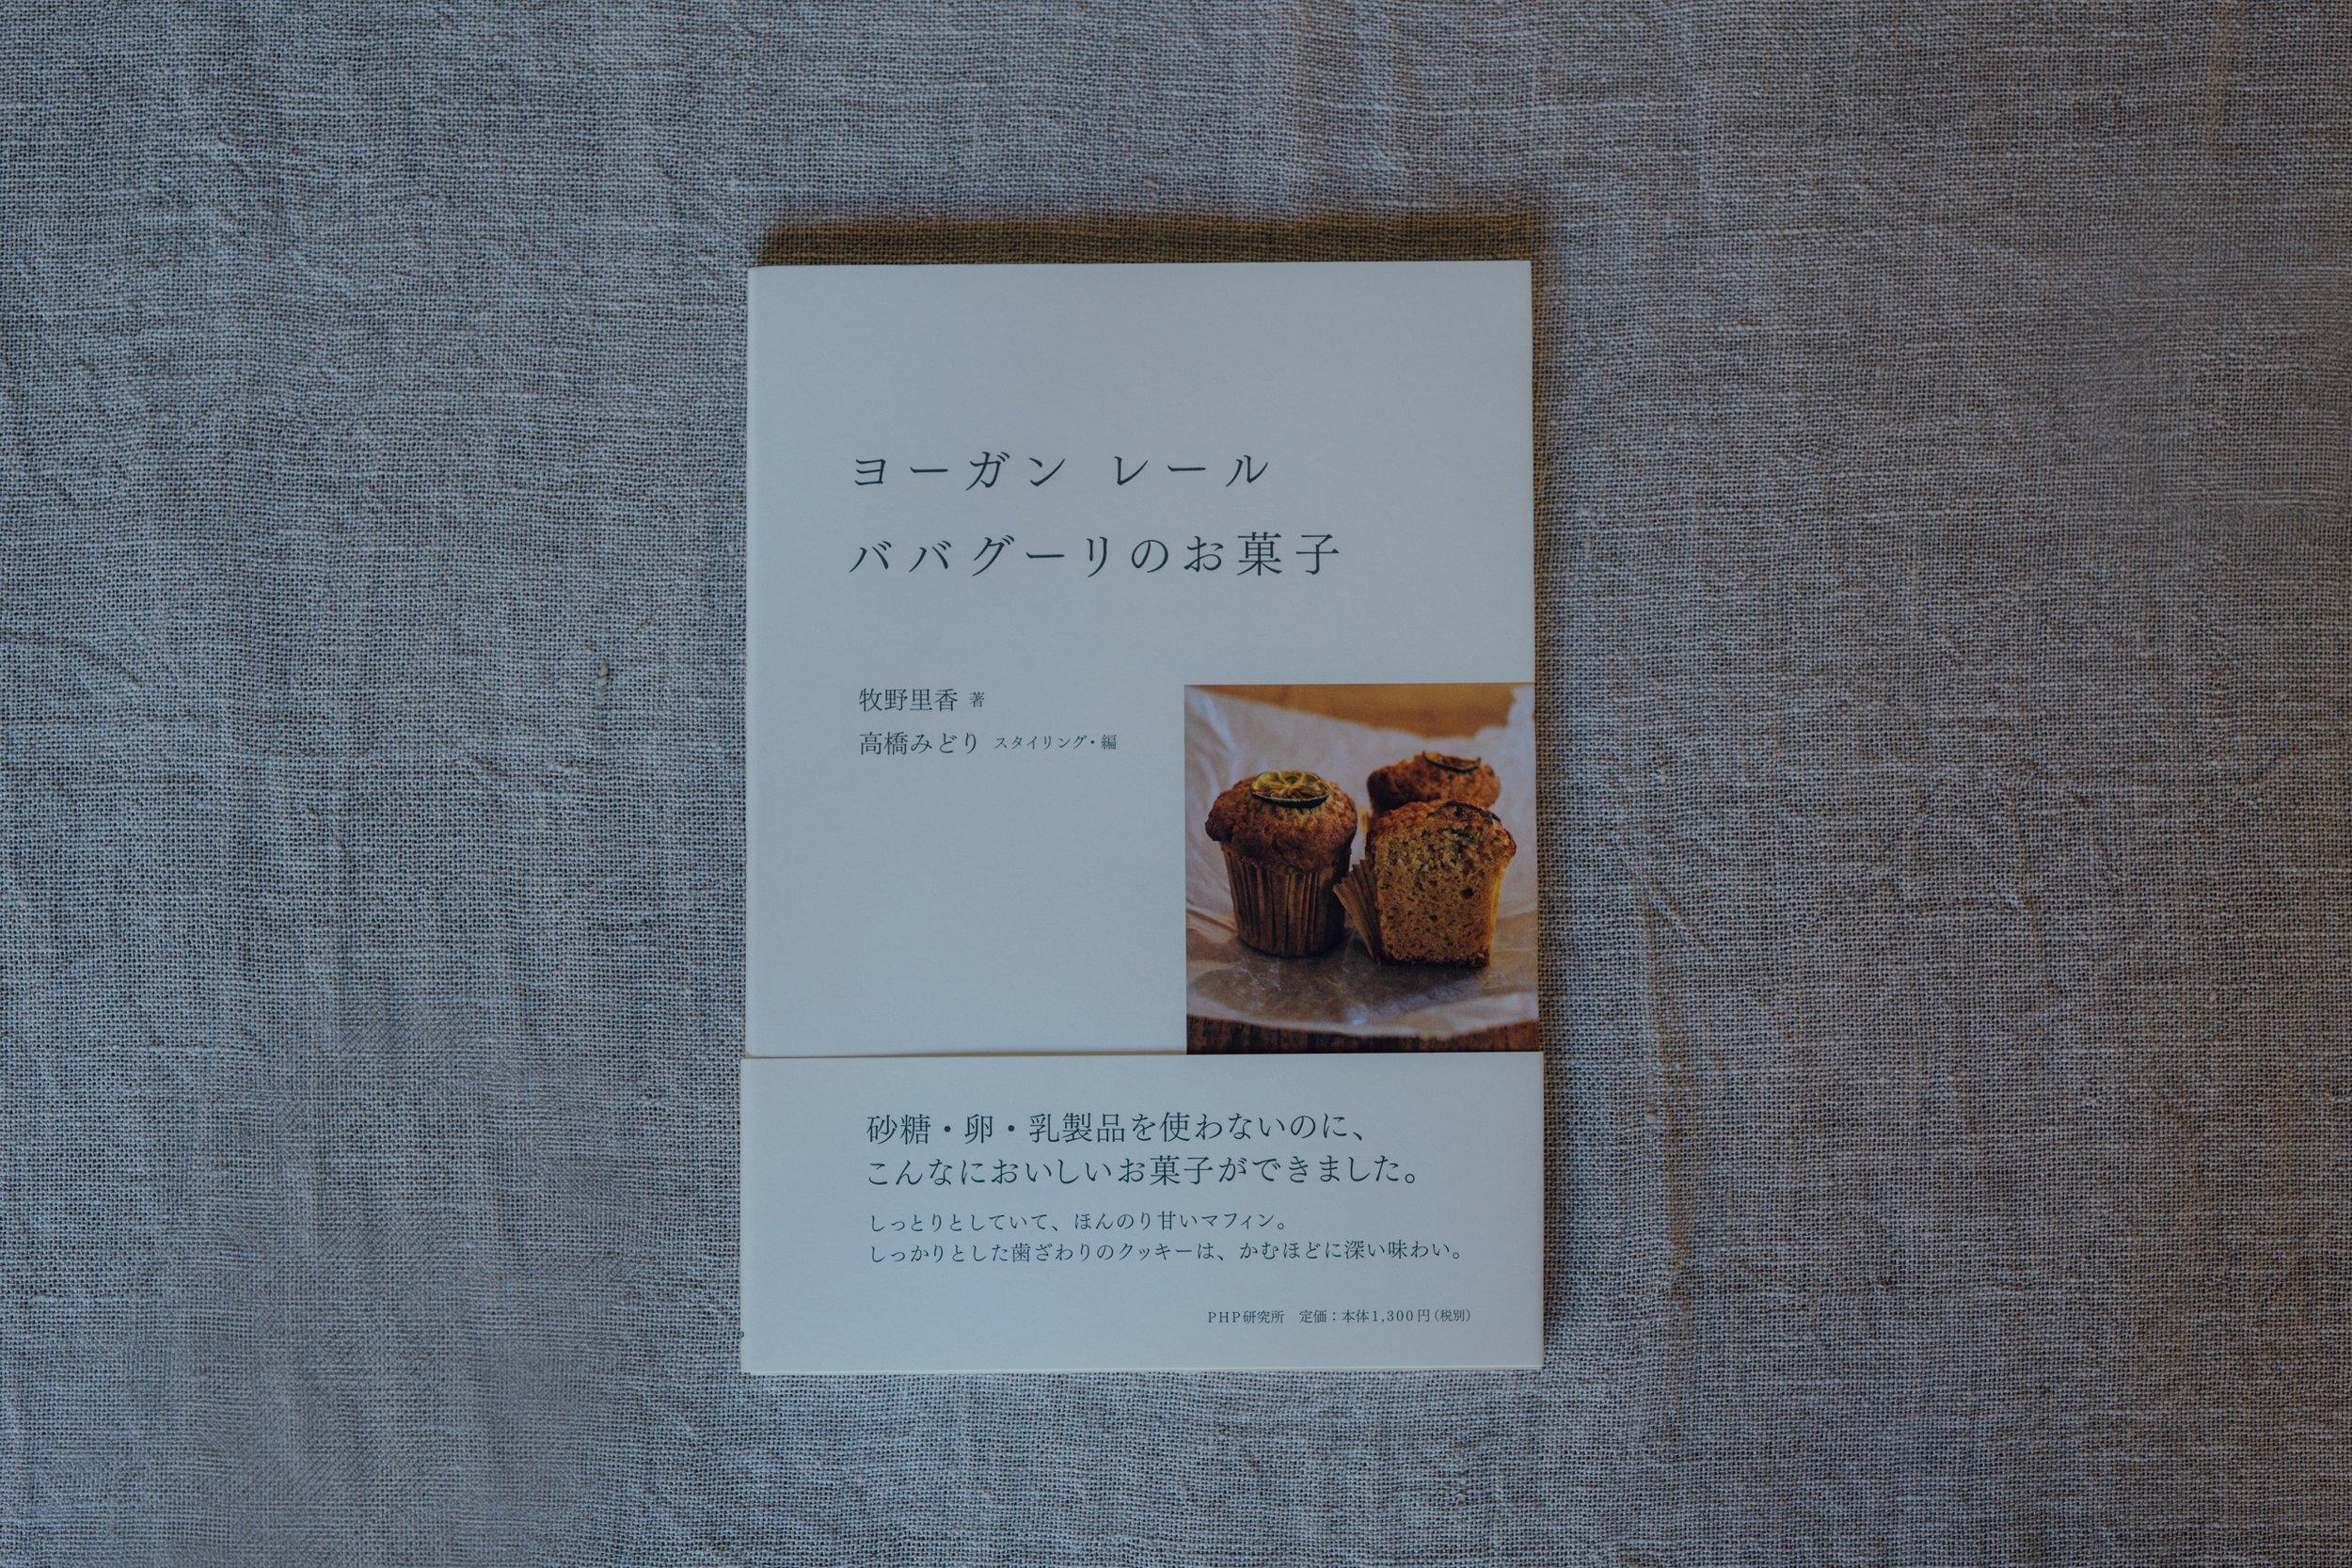 0-58-7 copy 2.jpg